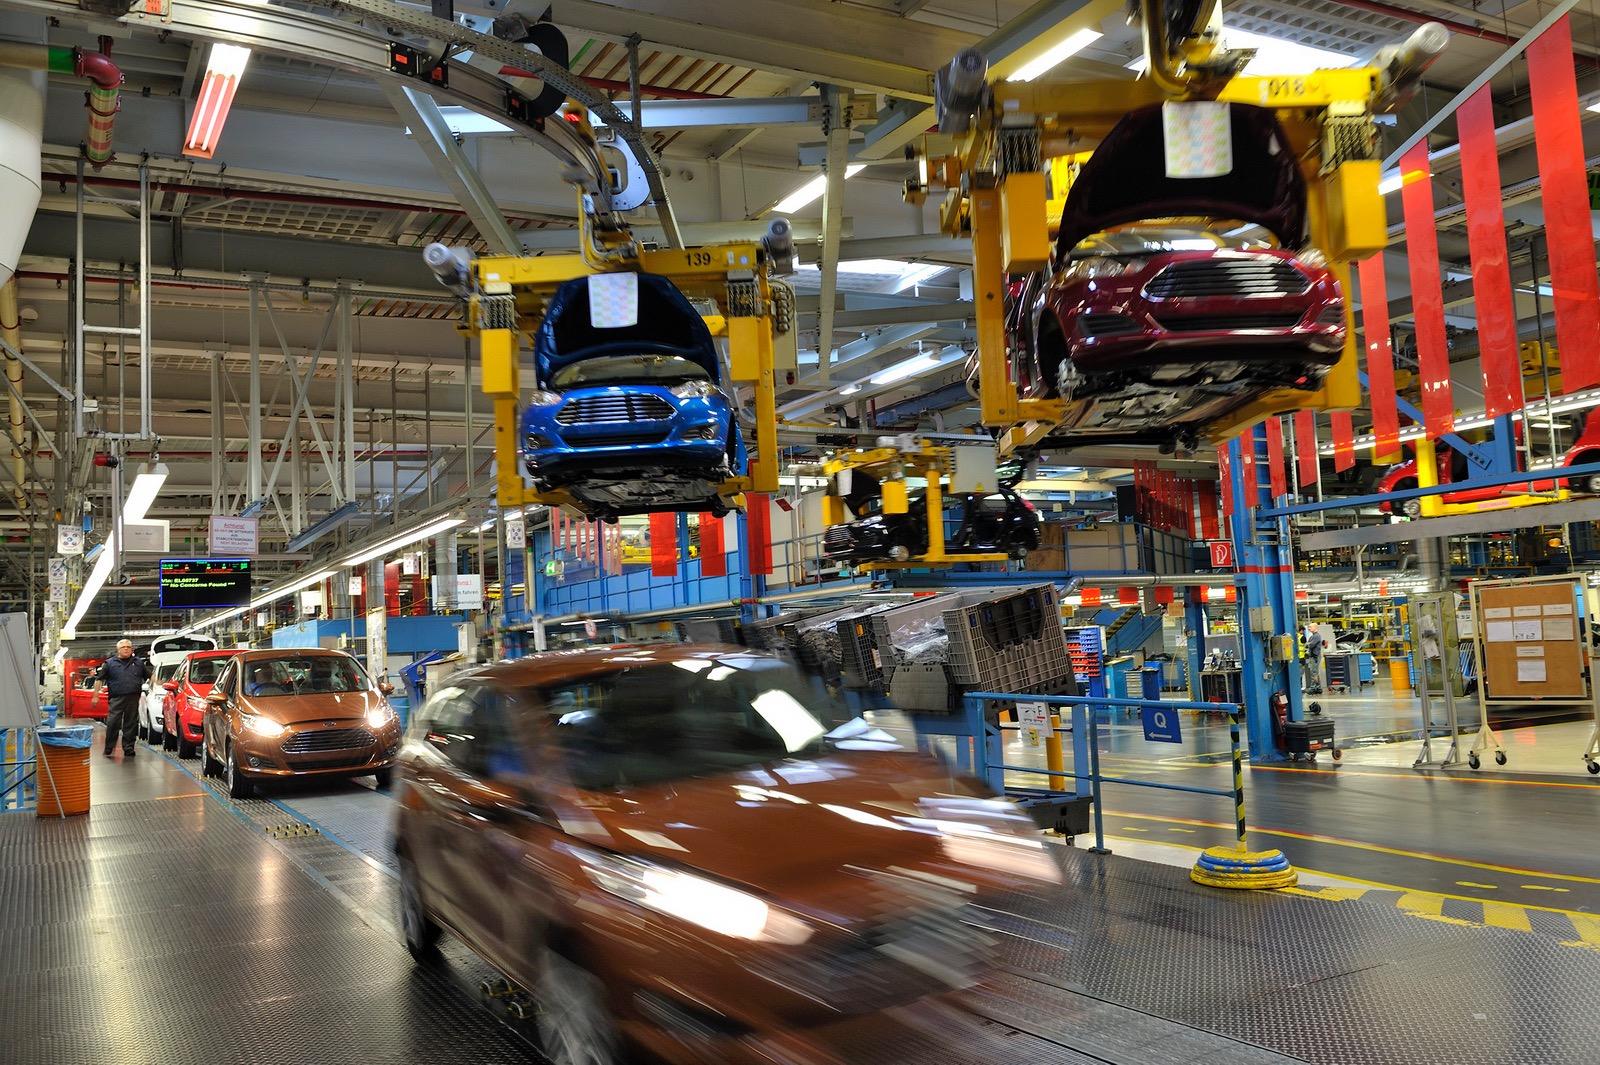 Παραγωγή του νέου ηλεκτρικού Ford στην Κολωνία